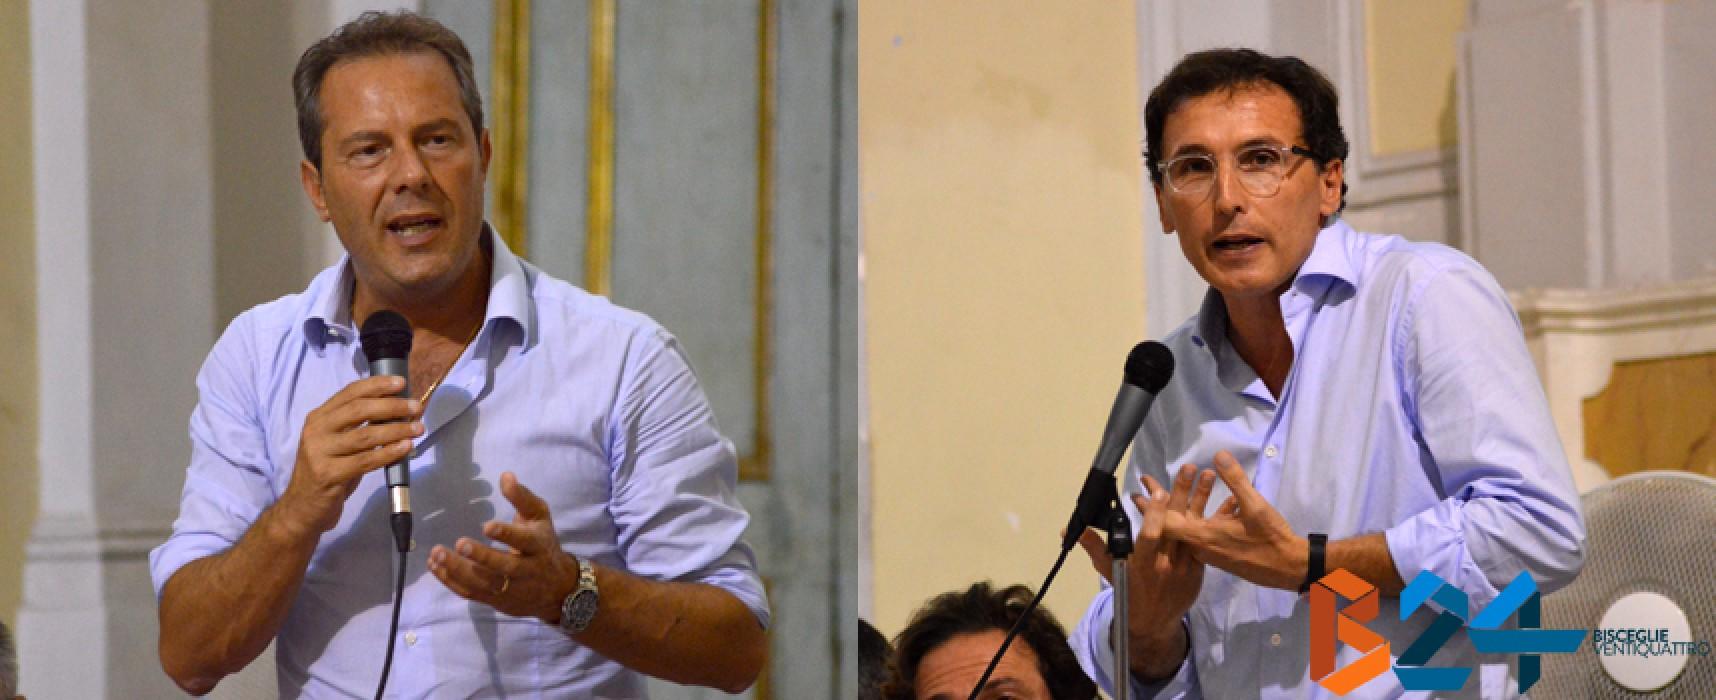 Ufficializzate le candidature di Spina e Boccia alla Camera per il Partito Democratico